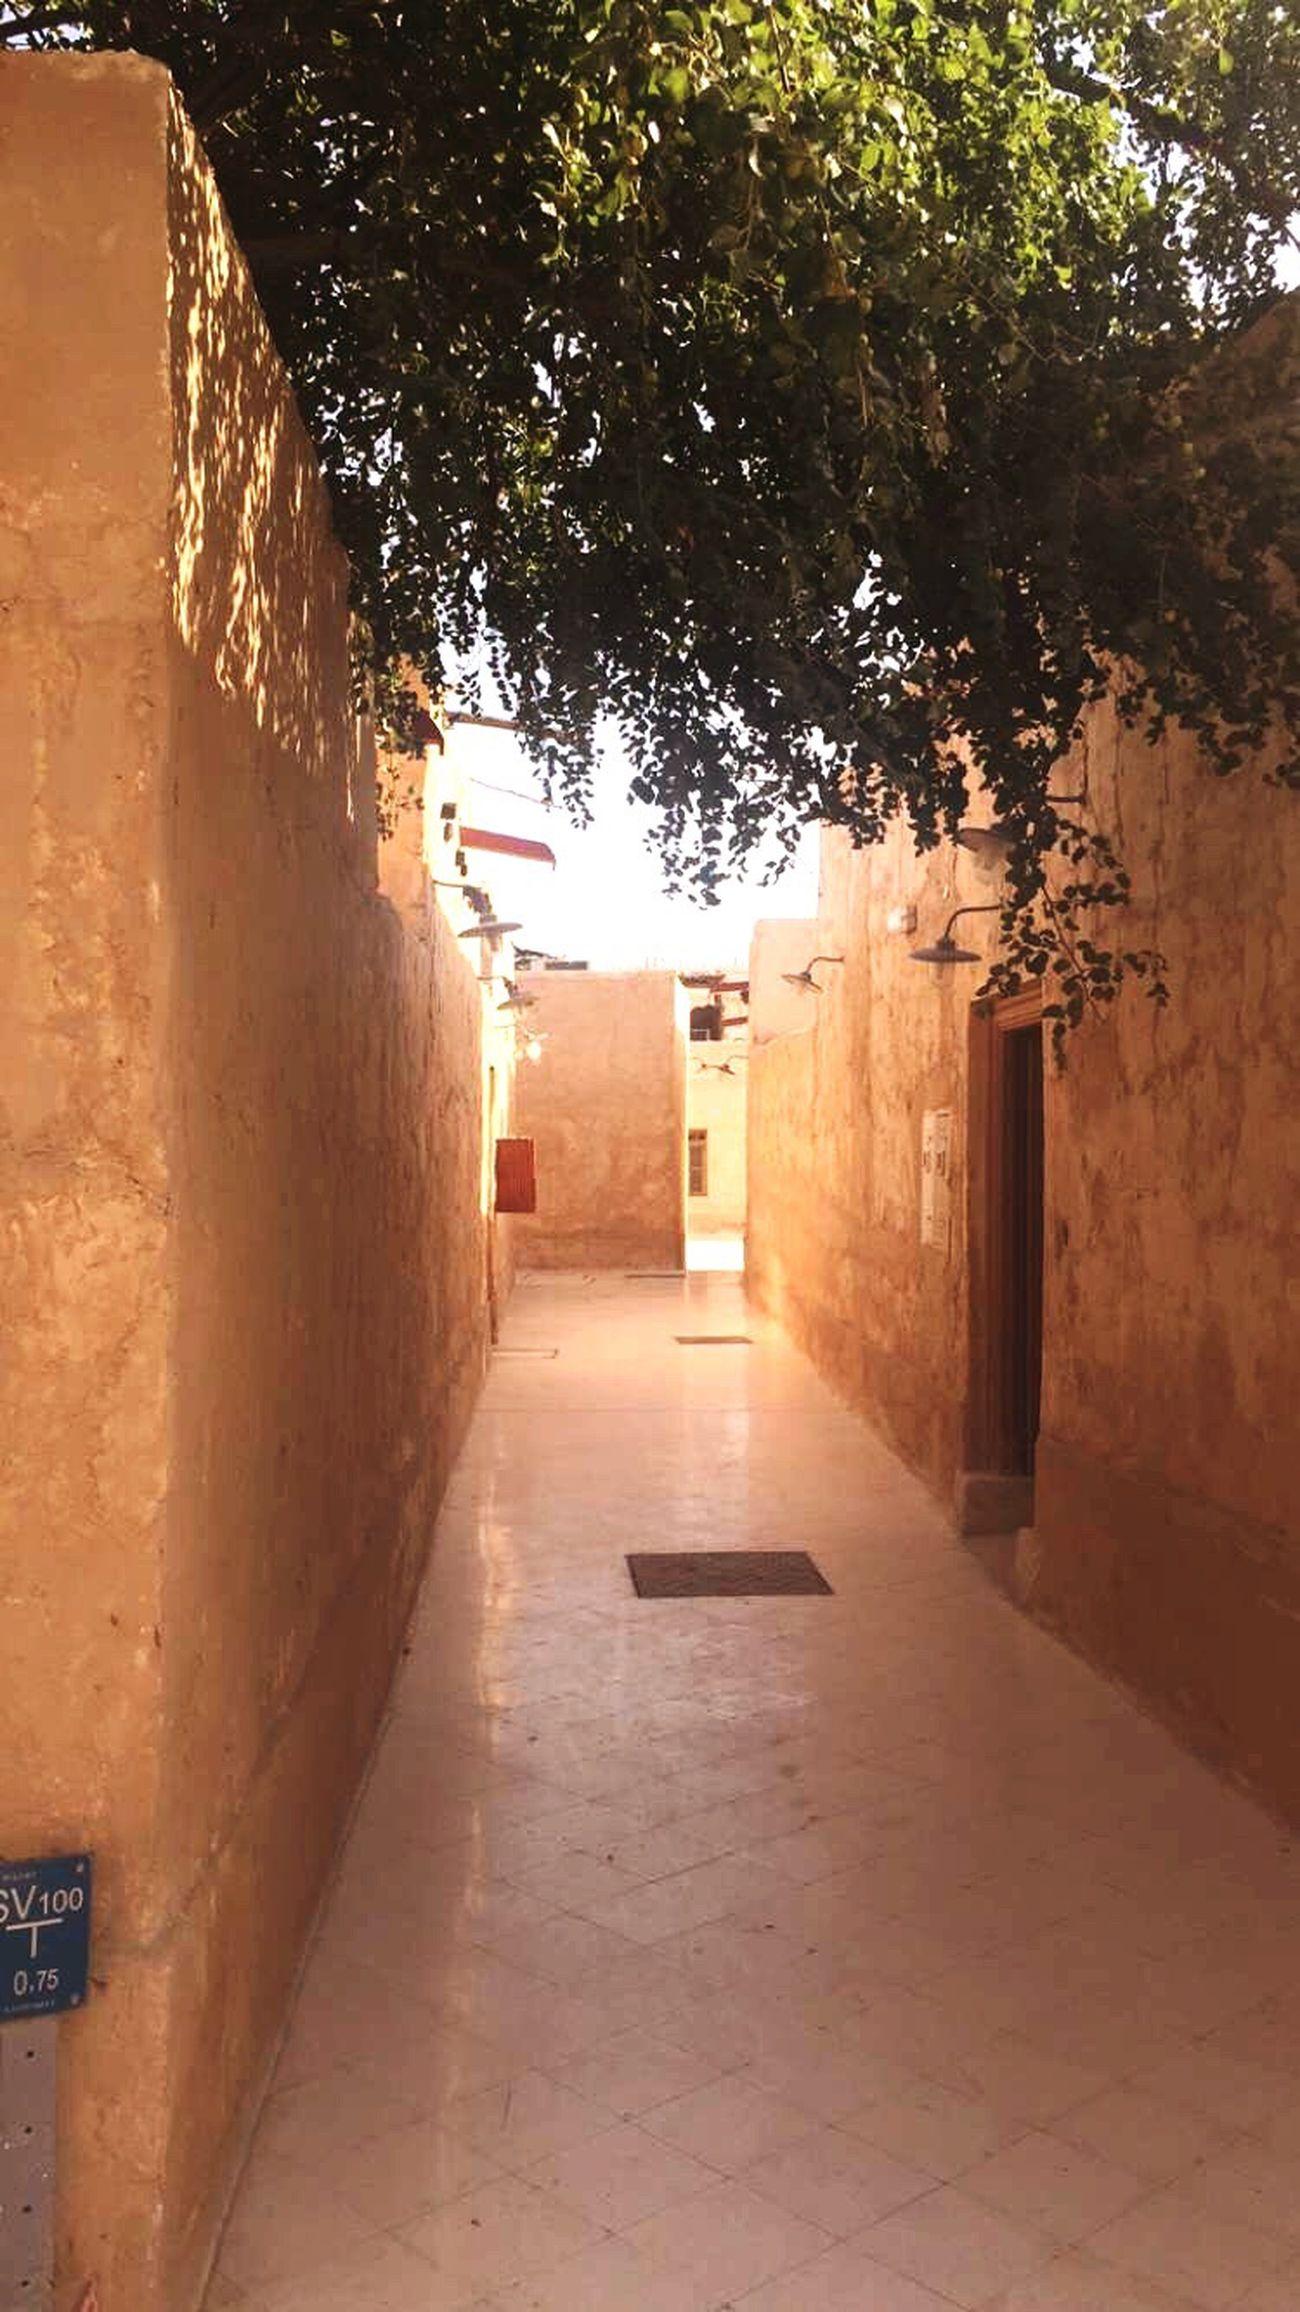 It was filmed image in the Souq Waqif Al Wakra